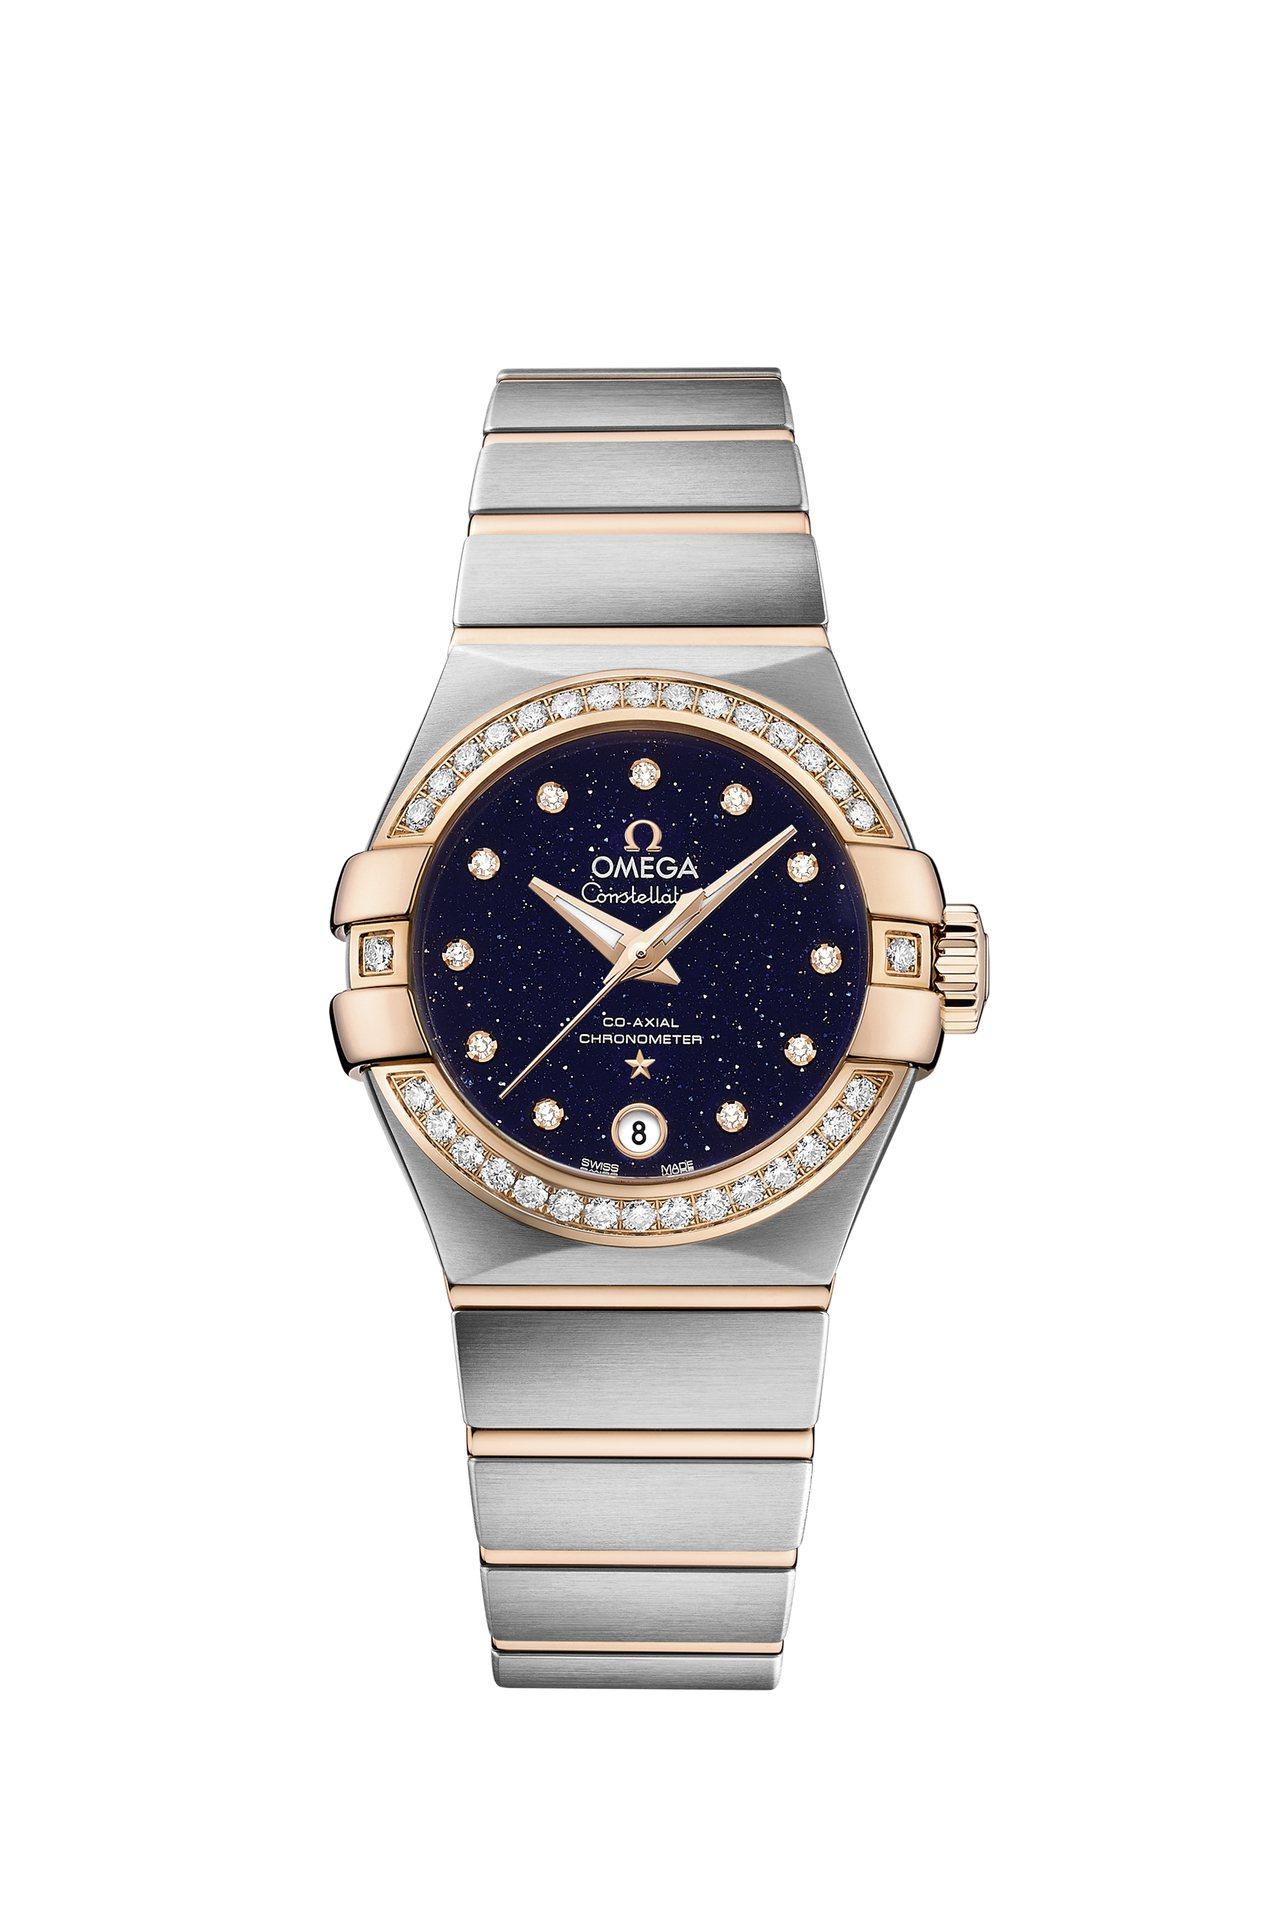 歐米茄新款星座系列大師天文台小秒針女表,精鋼表殼,搭配18K玫瑰金鑲鑽表圈,搭載...